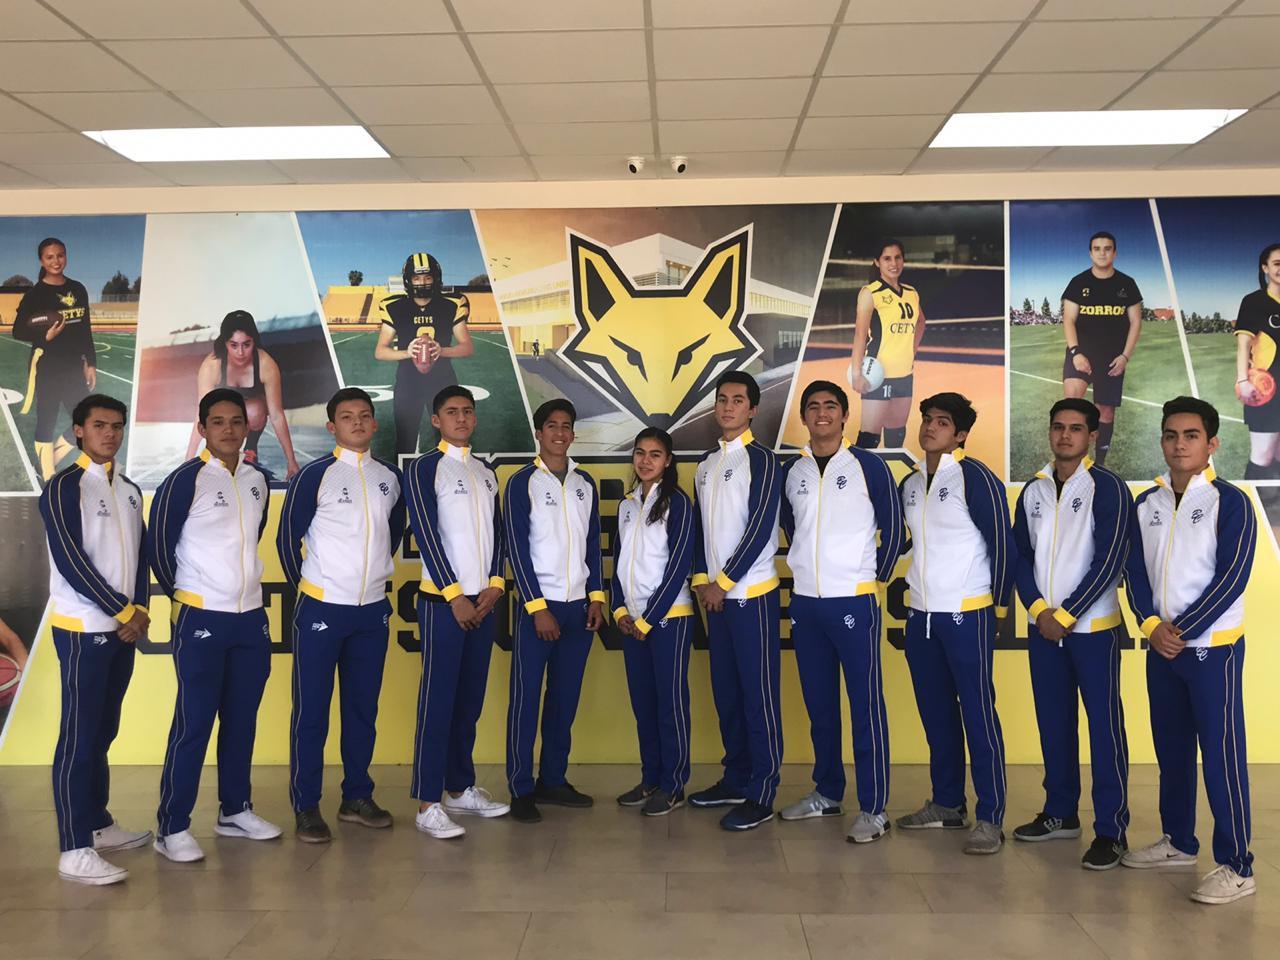 Atletas y basquetbolistas de Ensenada por medallas al nacional de Conadems